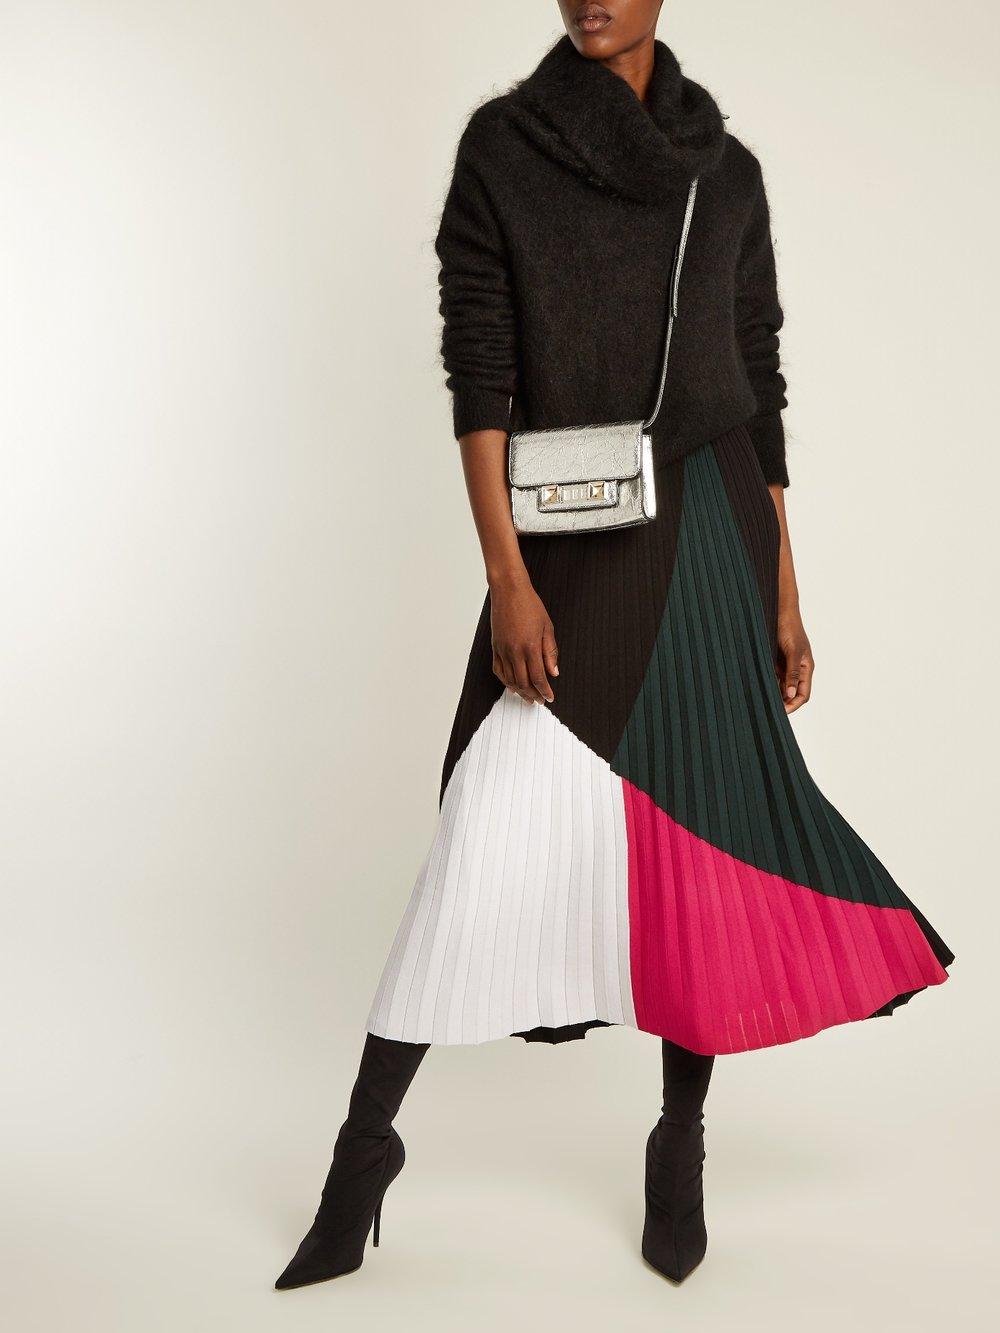 Proenza Schoulder Skirt